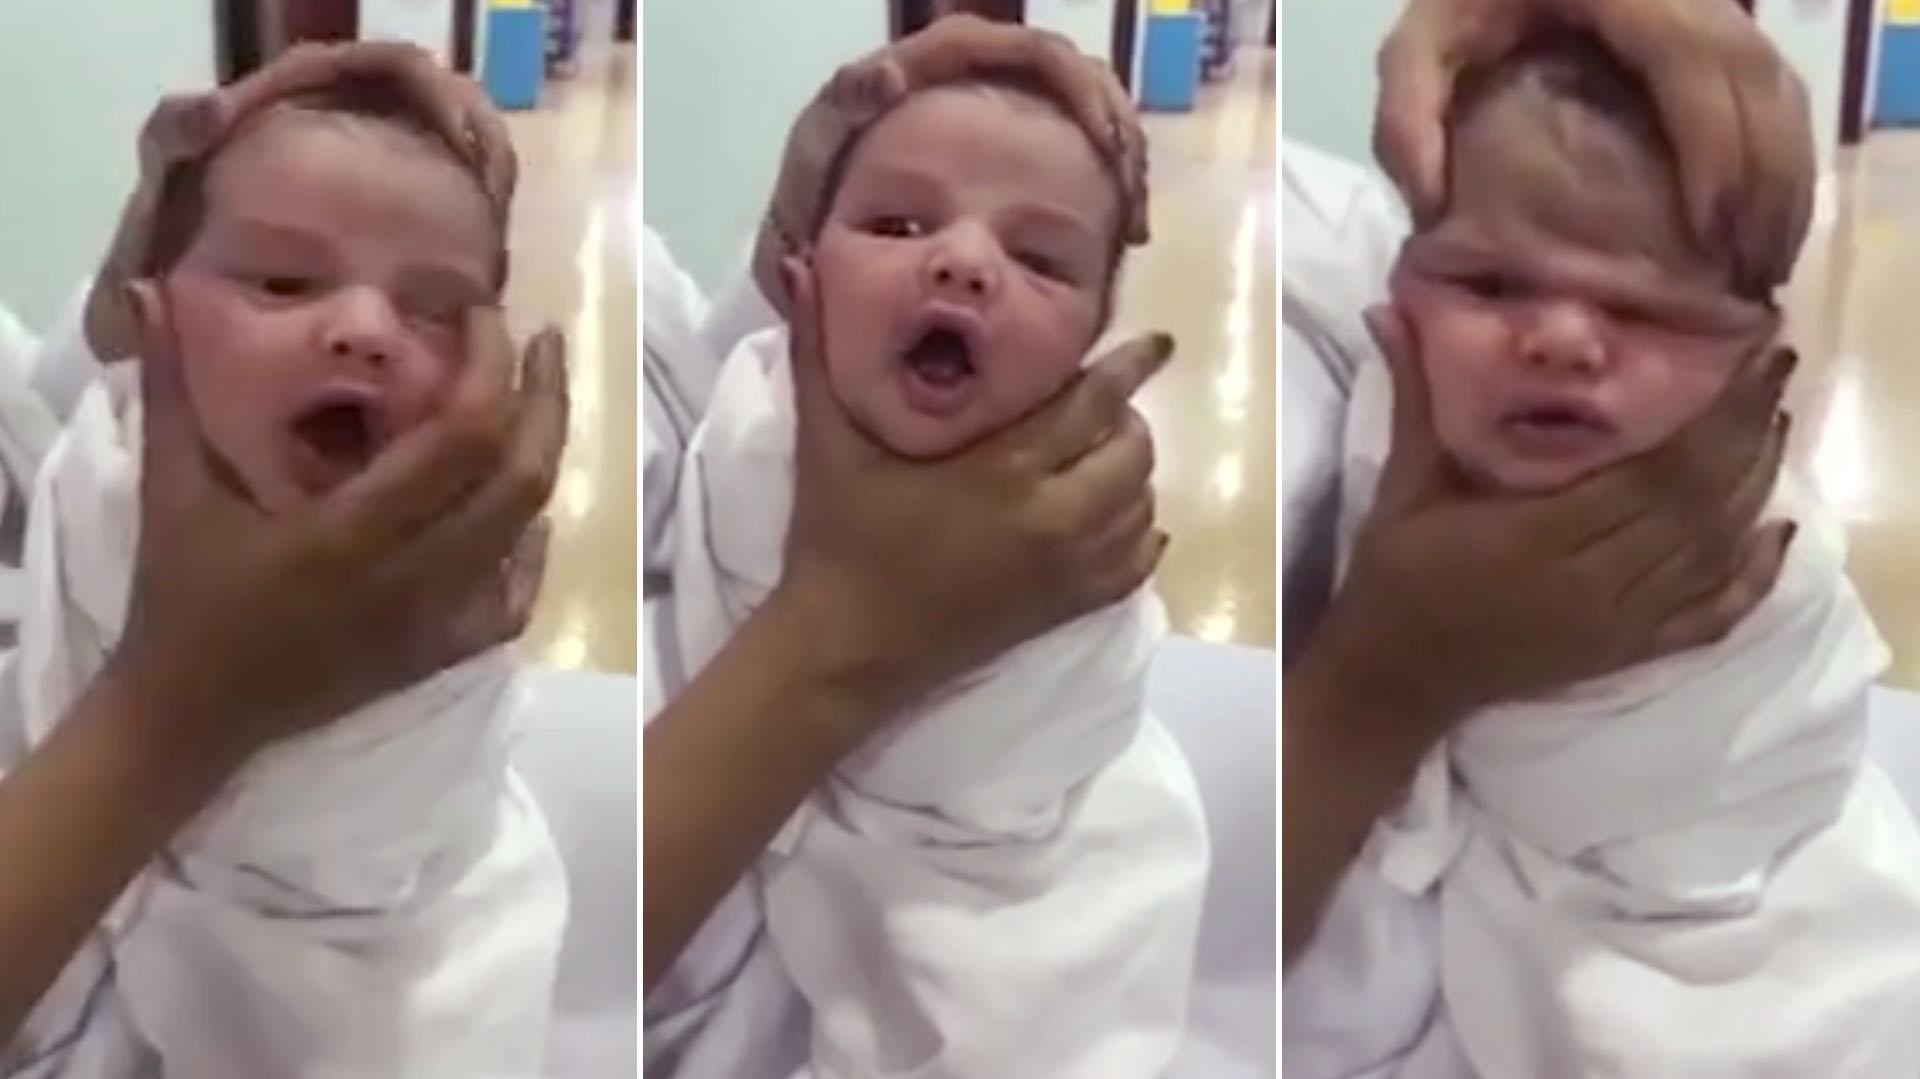 Despedidas del hospital por deformar la cara de los bebés por diversión